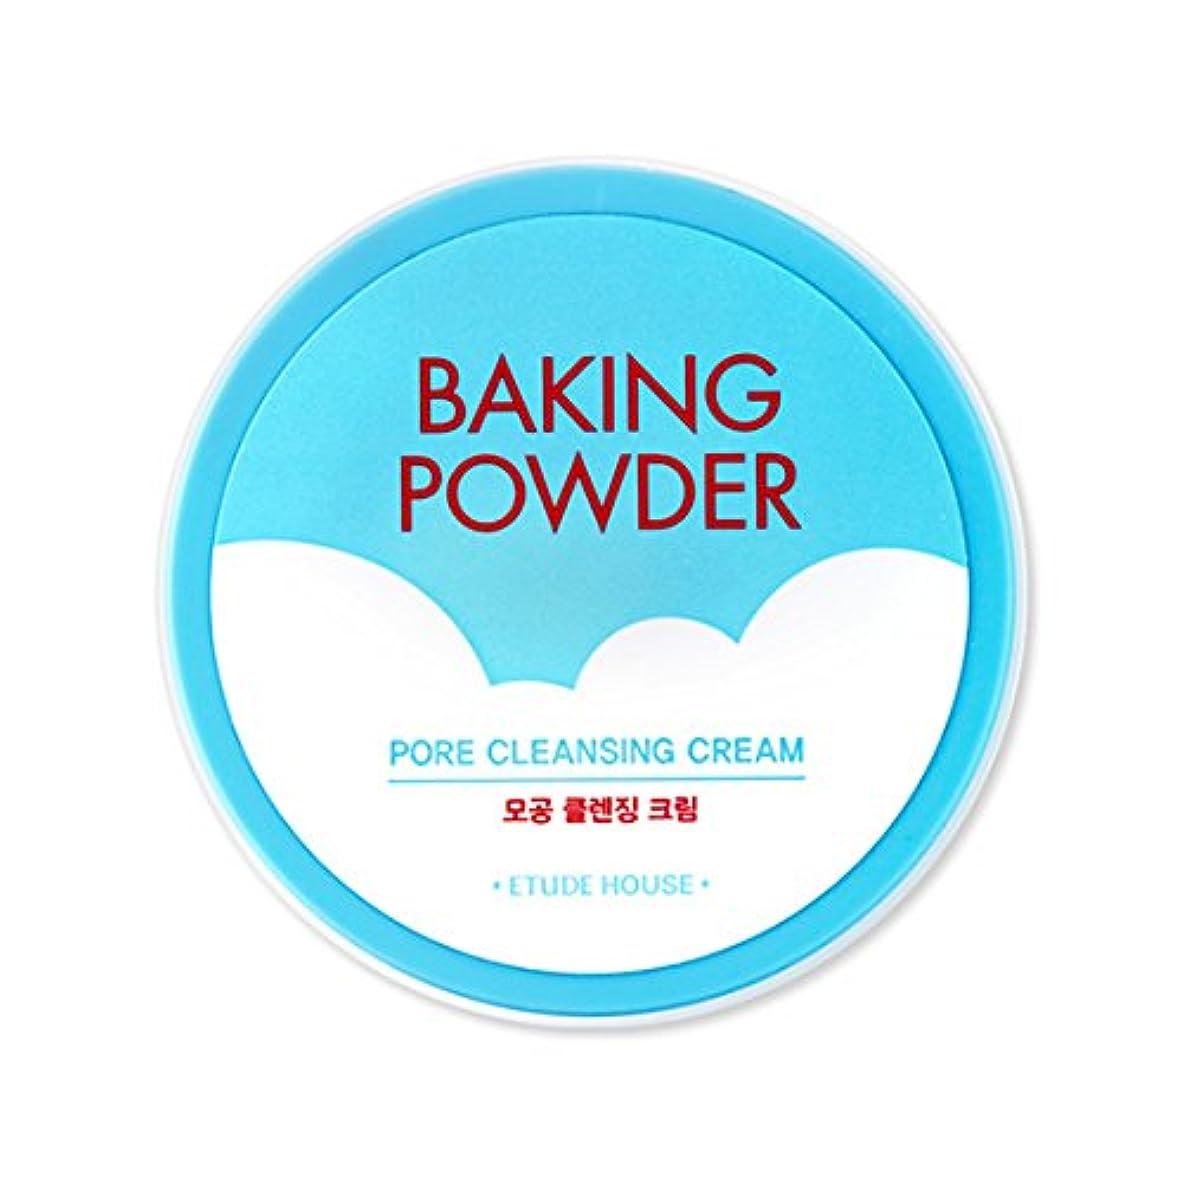 ラジウムチケットリラックス[2016 Upgrade!] ETUDE HOUSE Baking Powder Pore Cleansing Cream 180ml/エチュードハウス ベーキング パウダー ポア クレンジング クリーム 180ml...